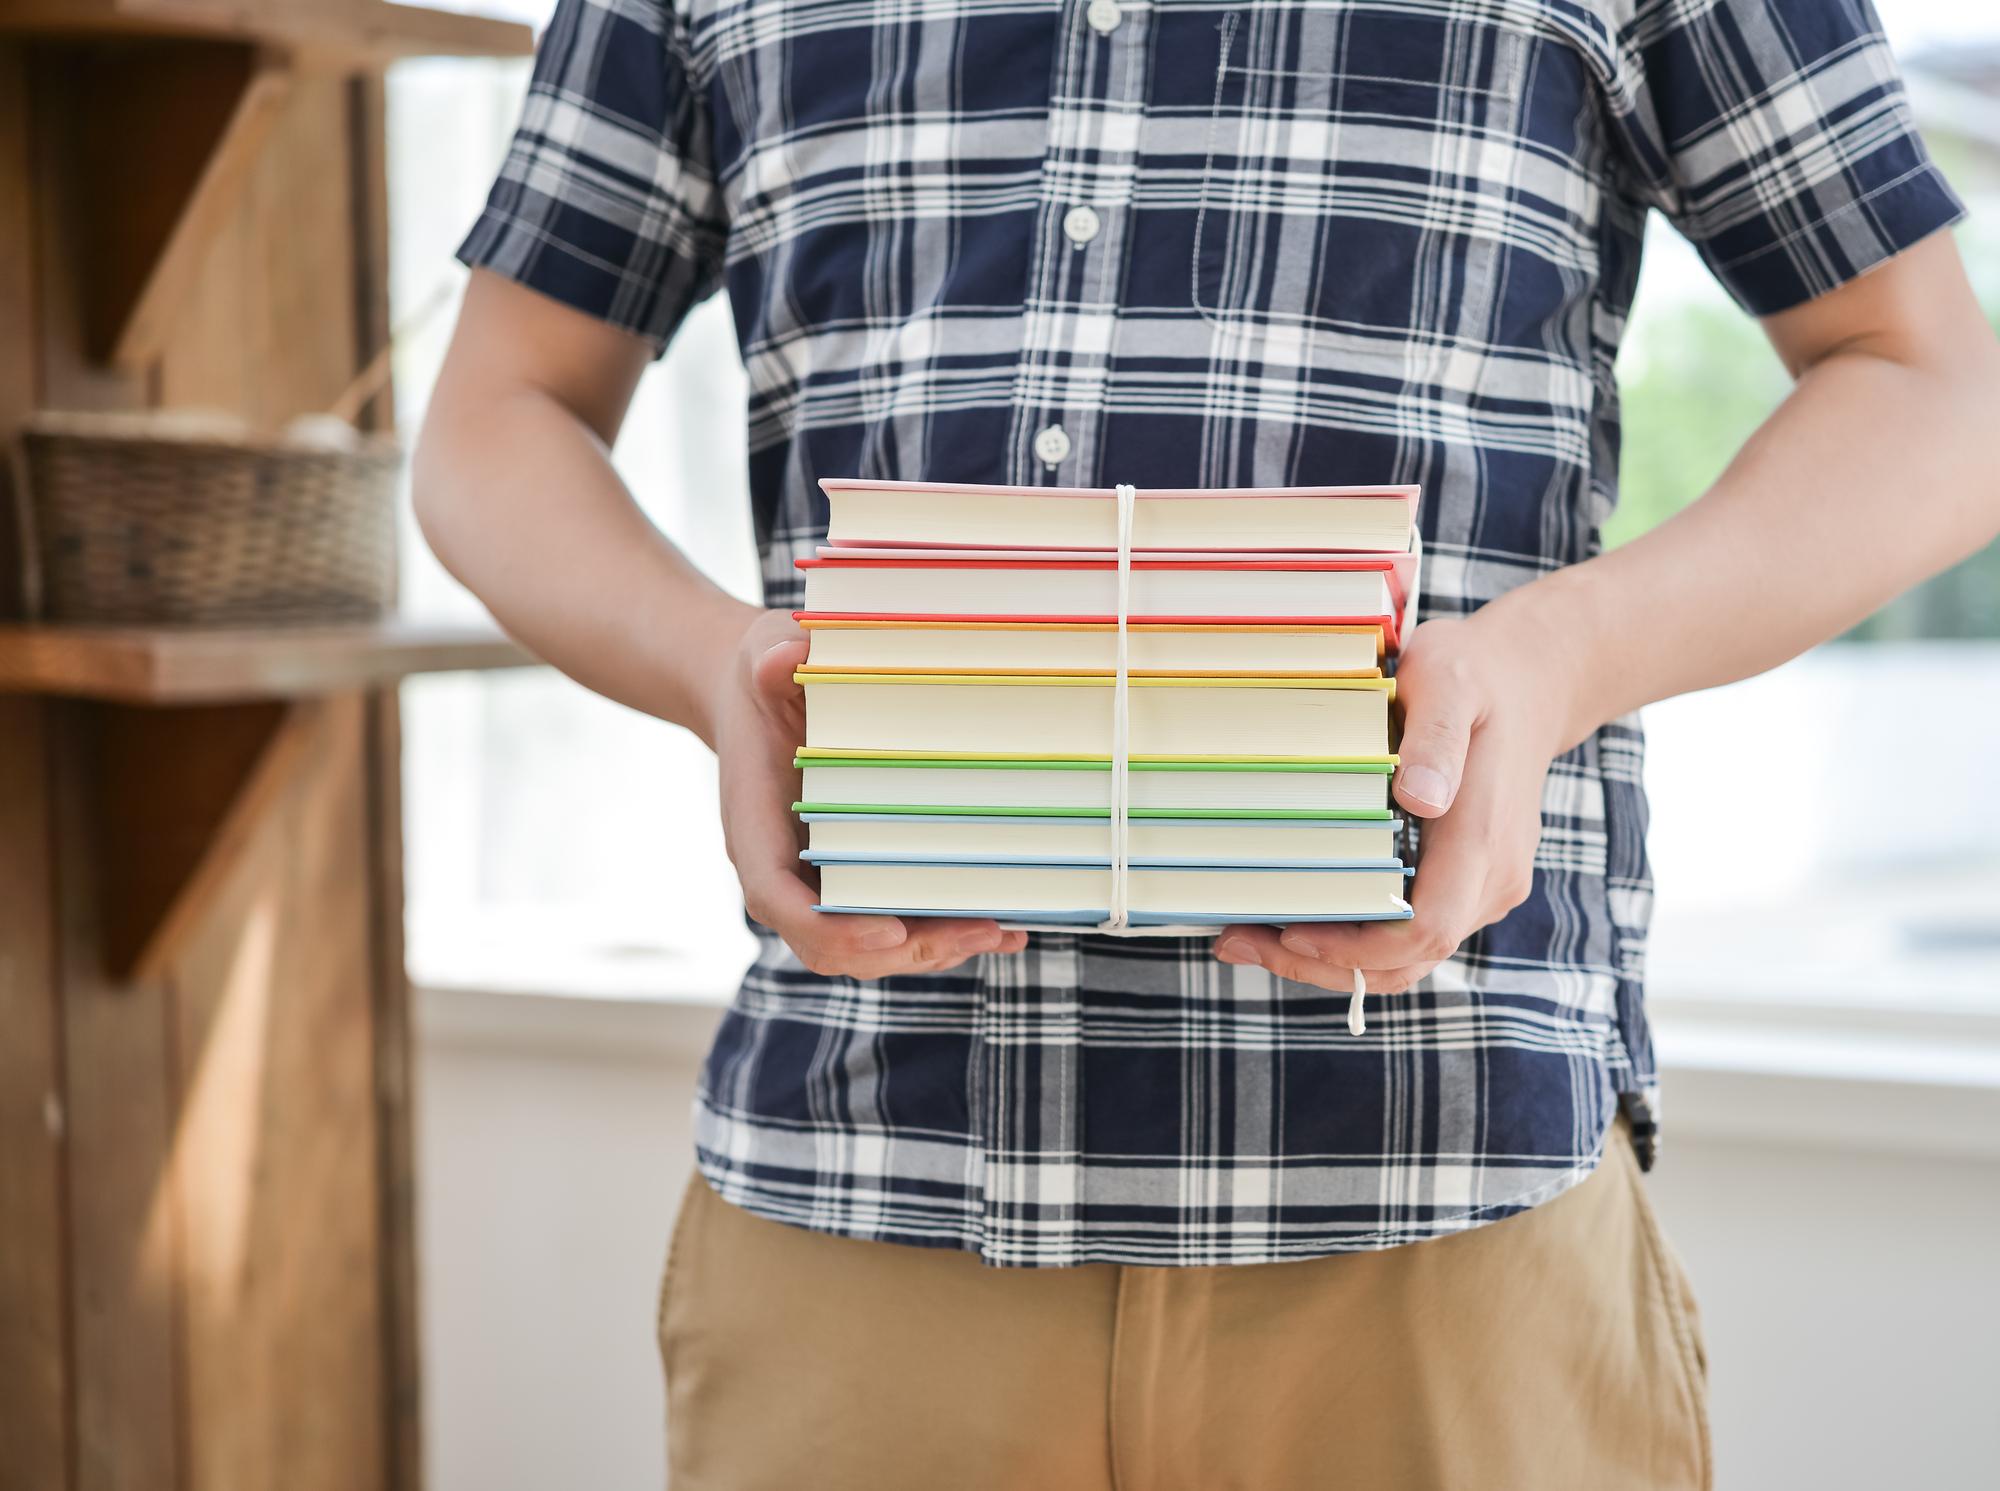 本や衣類など不用品を処分するには?